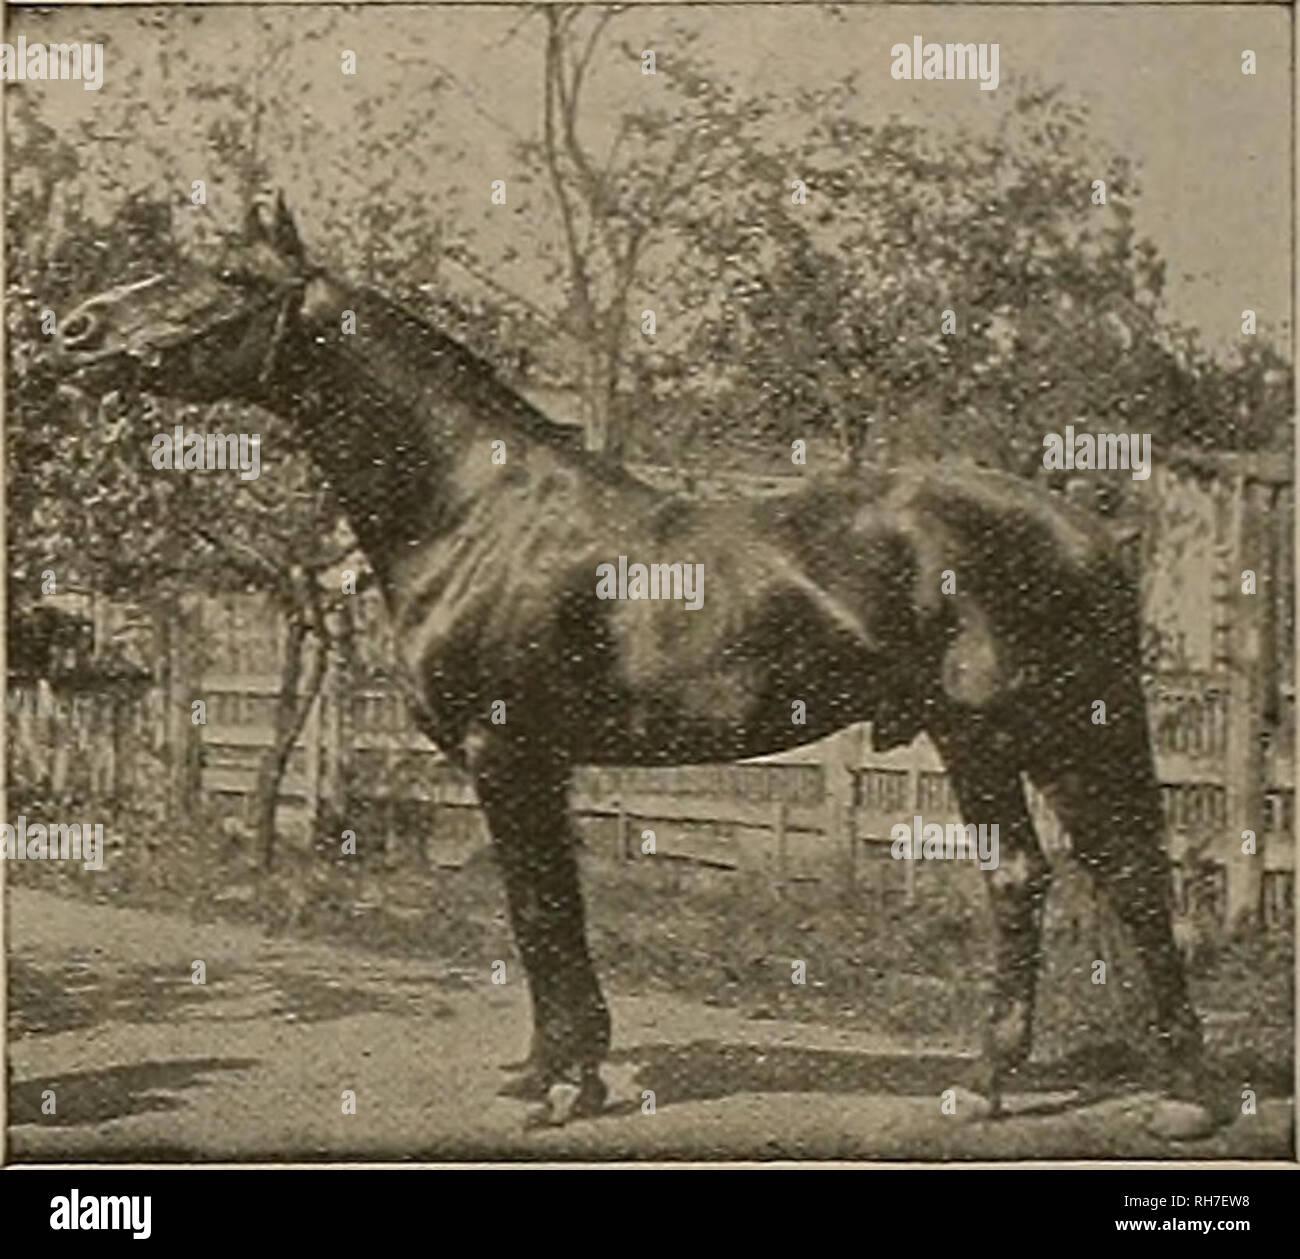 . El obtentor y el deportista. Caballos. eighs 1100 lbs. es una buena persona tiene mejor de pies y piernas, y es absolutamente sólida en todos los sentidos. BONNIE DIRECT le sirven a un número limitado de yeguas aprobados durante la temporada de 1902, en SlOO la temporada, con la celebración de devolución si mare demuestra no con el potro y el caballo está vivo y en mi posesión. El dinero adeudado al momento del servicio o tras la extracción de la mare. Tomar todas las precauciones para evitar accidentes o escapadas, pero ninguna responsabilidad que puedan surgir. Pasto para las yeguas a precios razonables. Dirección C. L. Griffith, PleasantoD, C&l resumen de tres de Bonnie Direot'Raza B Foto de stock